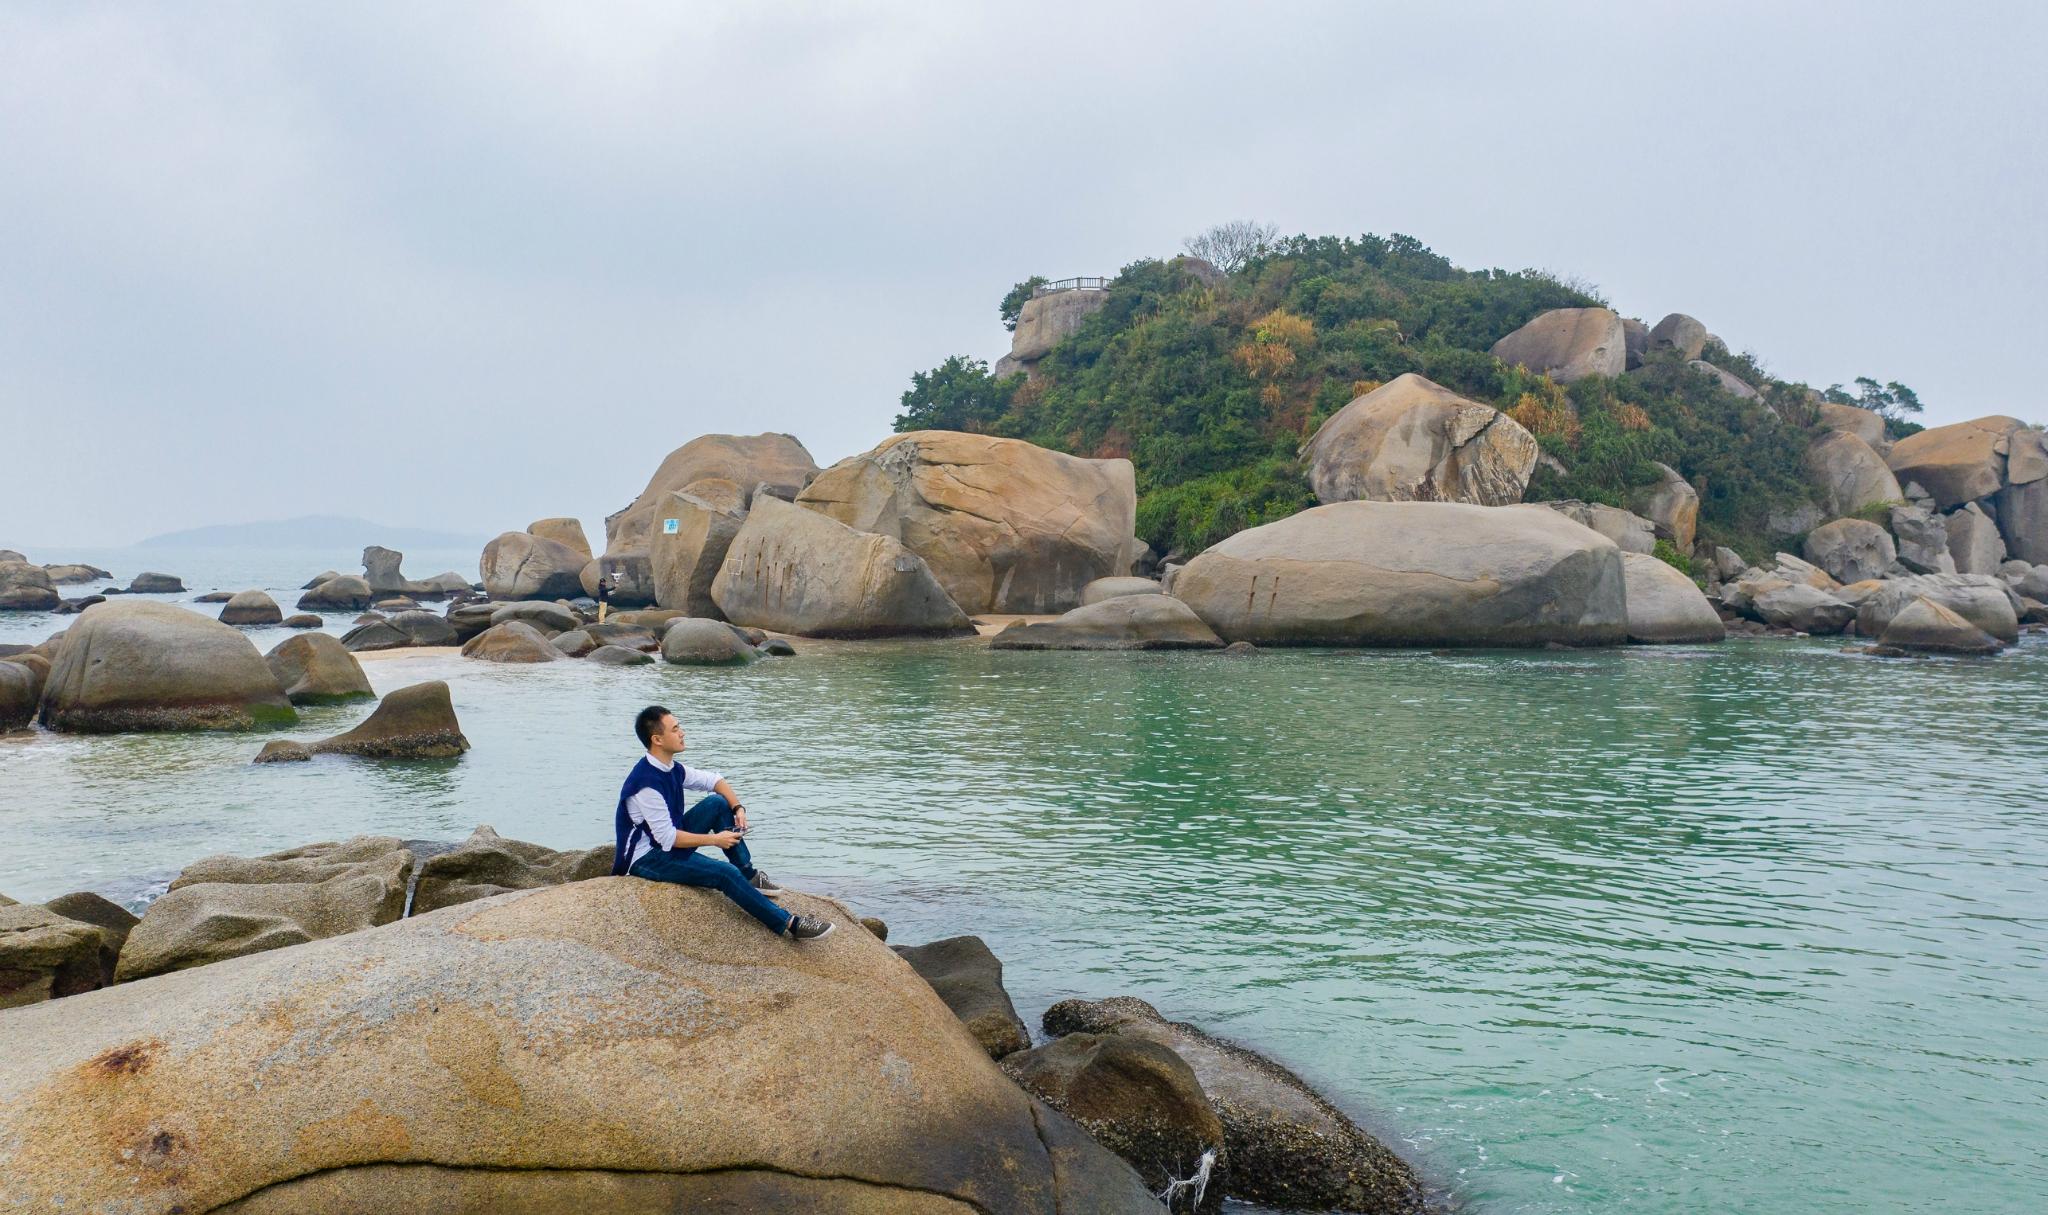 广东惠州的冬天很温暖,有苏东坡的足迹,还有江有湖有海有泉